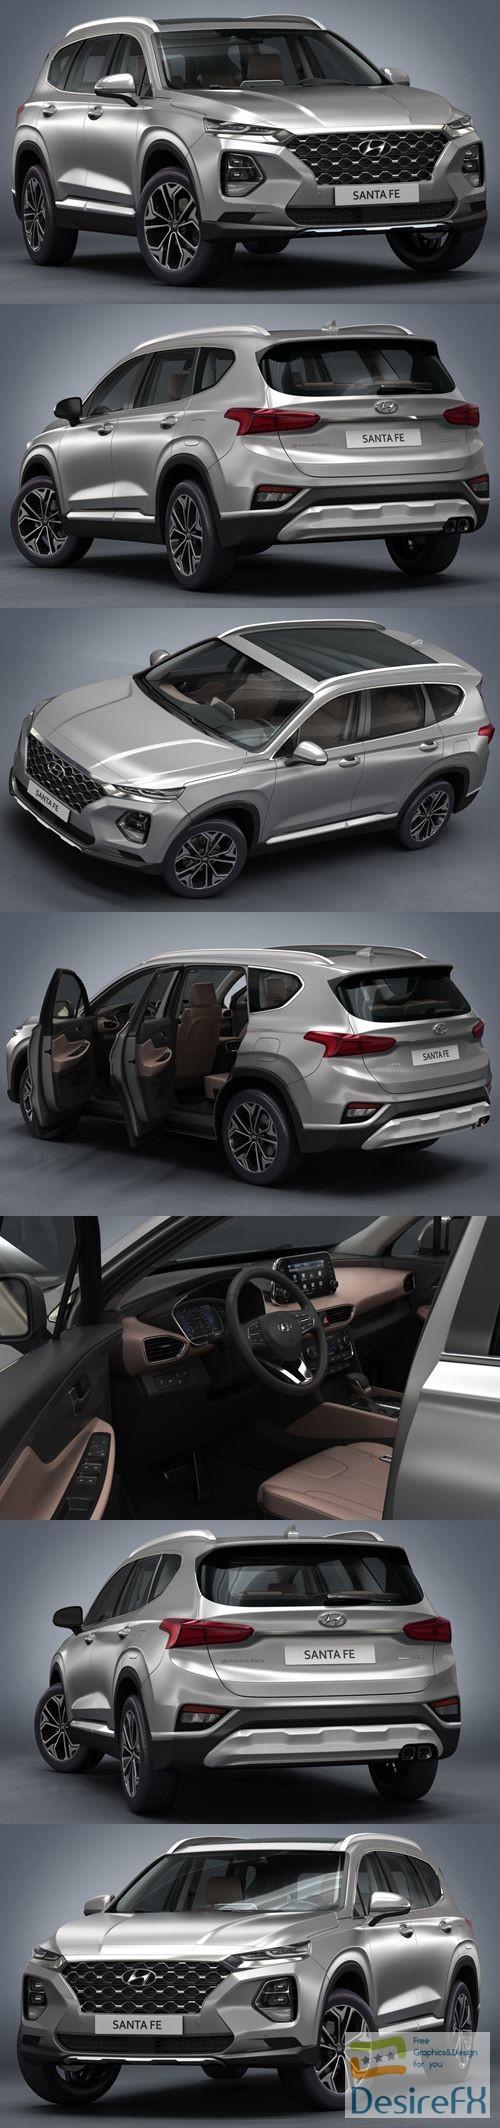 3d-models - Hyundai Santa Fe 2019 3D Model